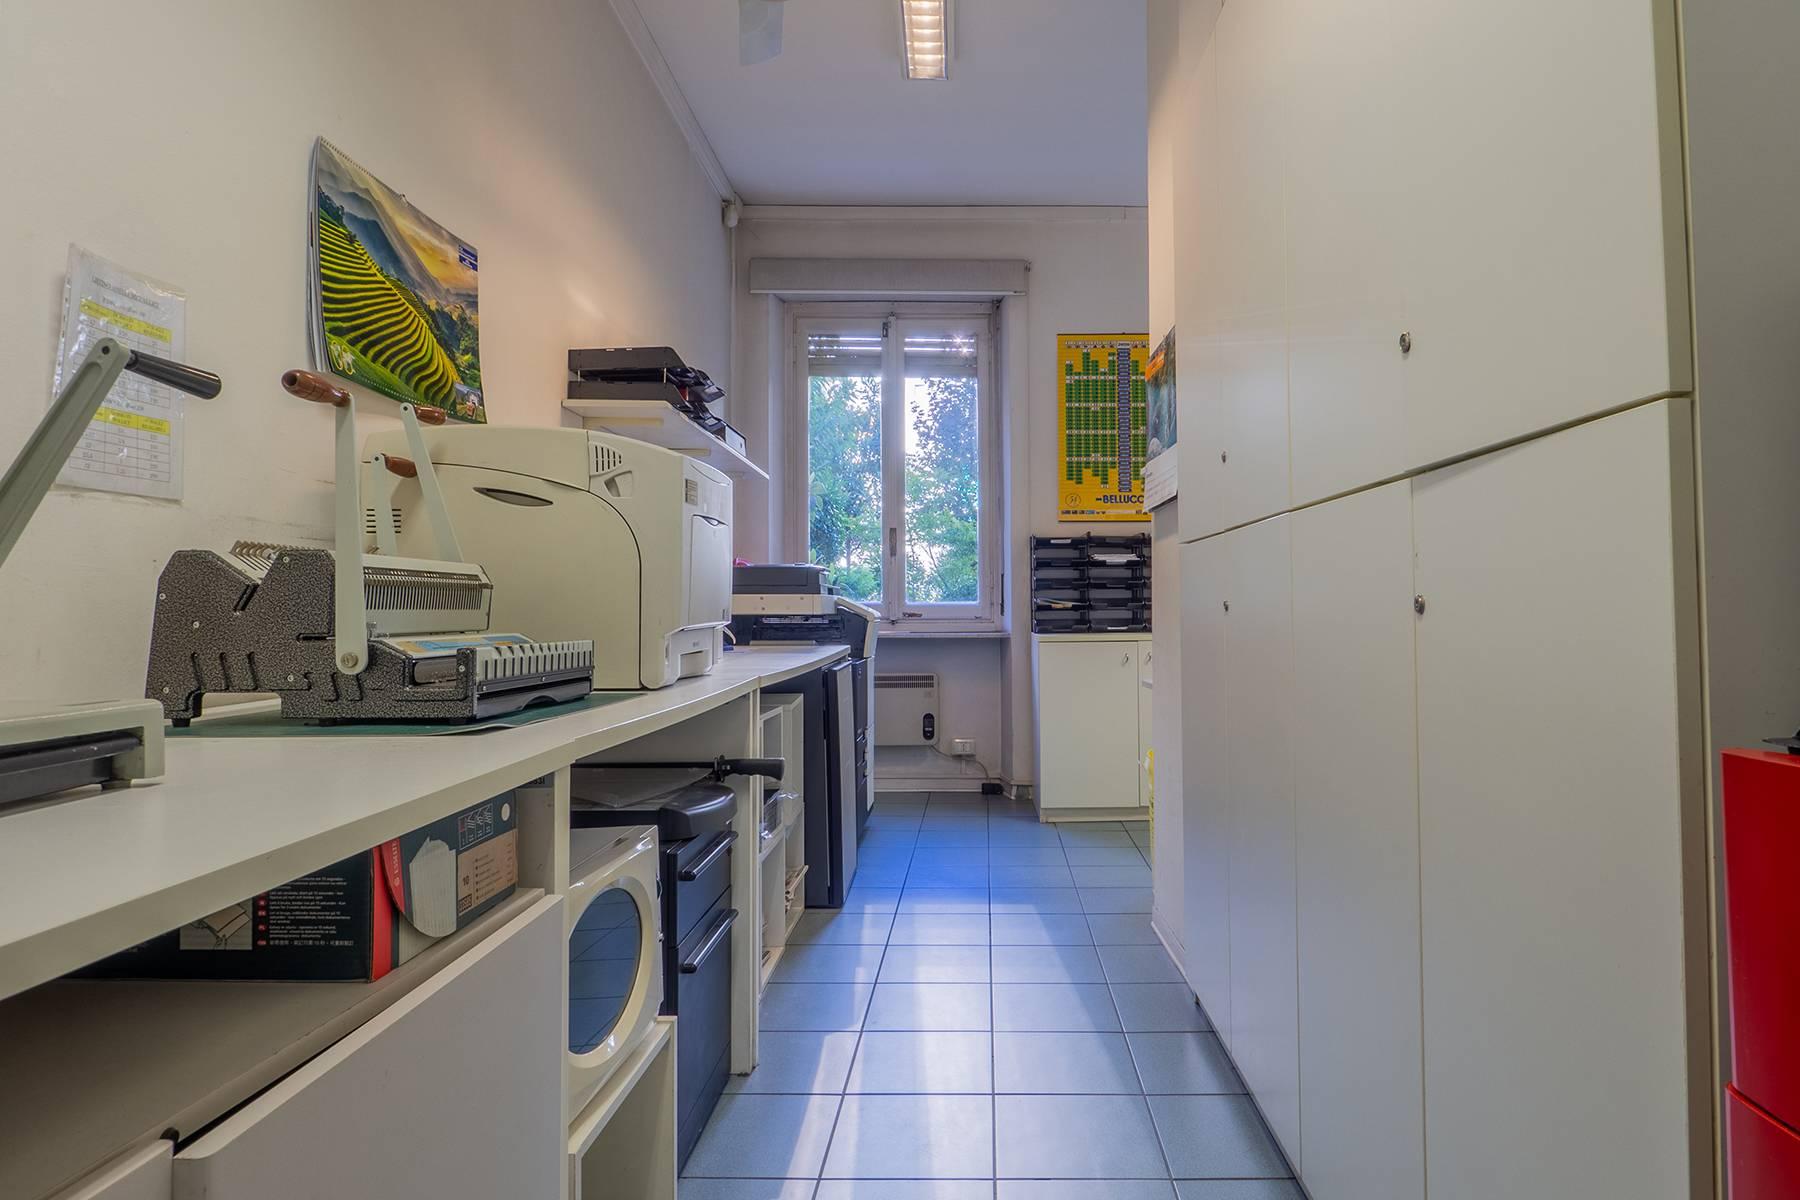 Ufficio-studio in Vendita a Torino: 4 locali, 224 mq - Foto 18